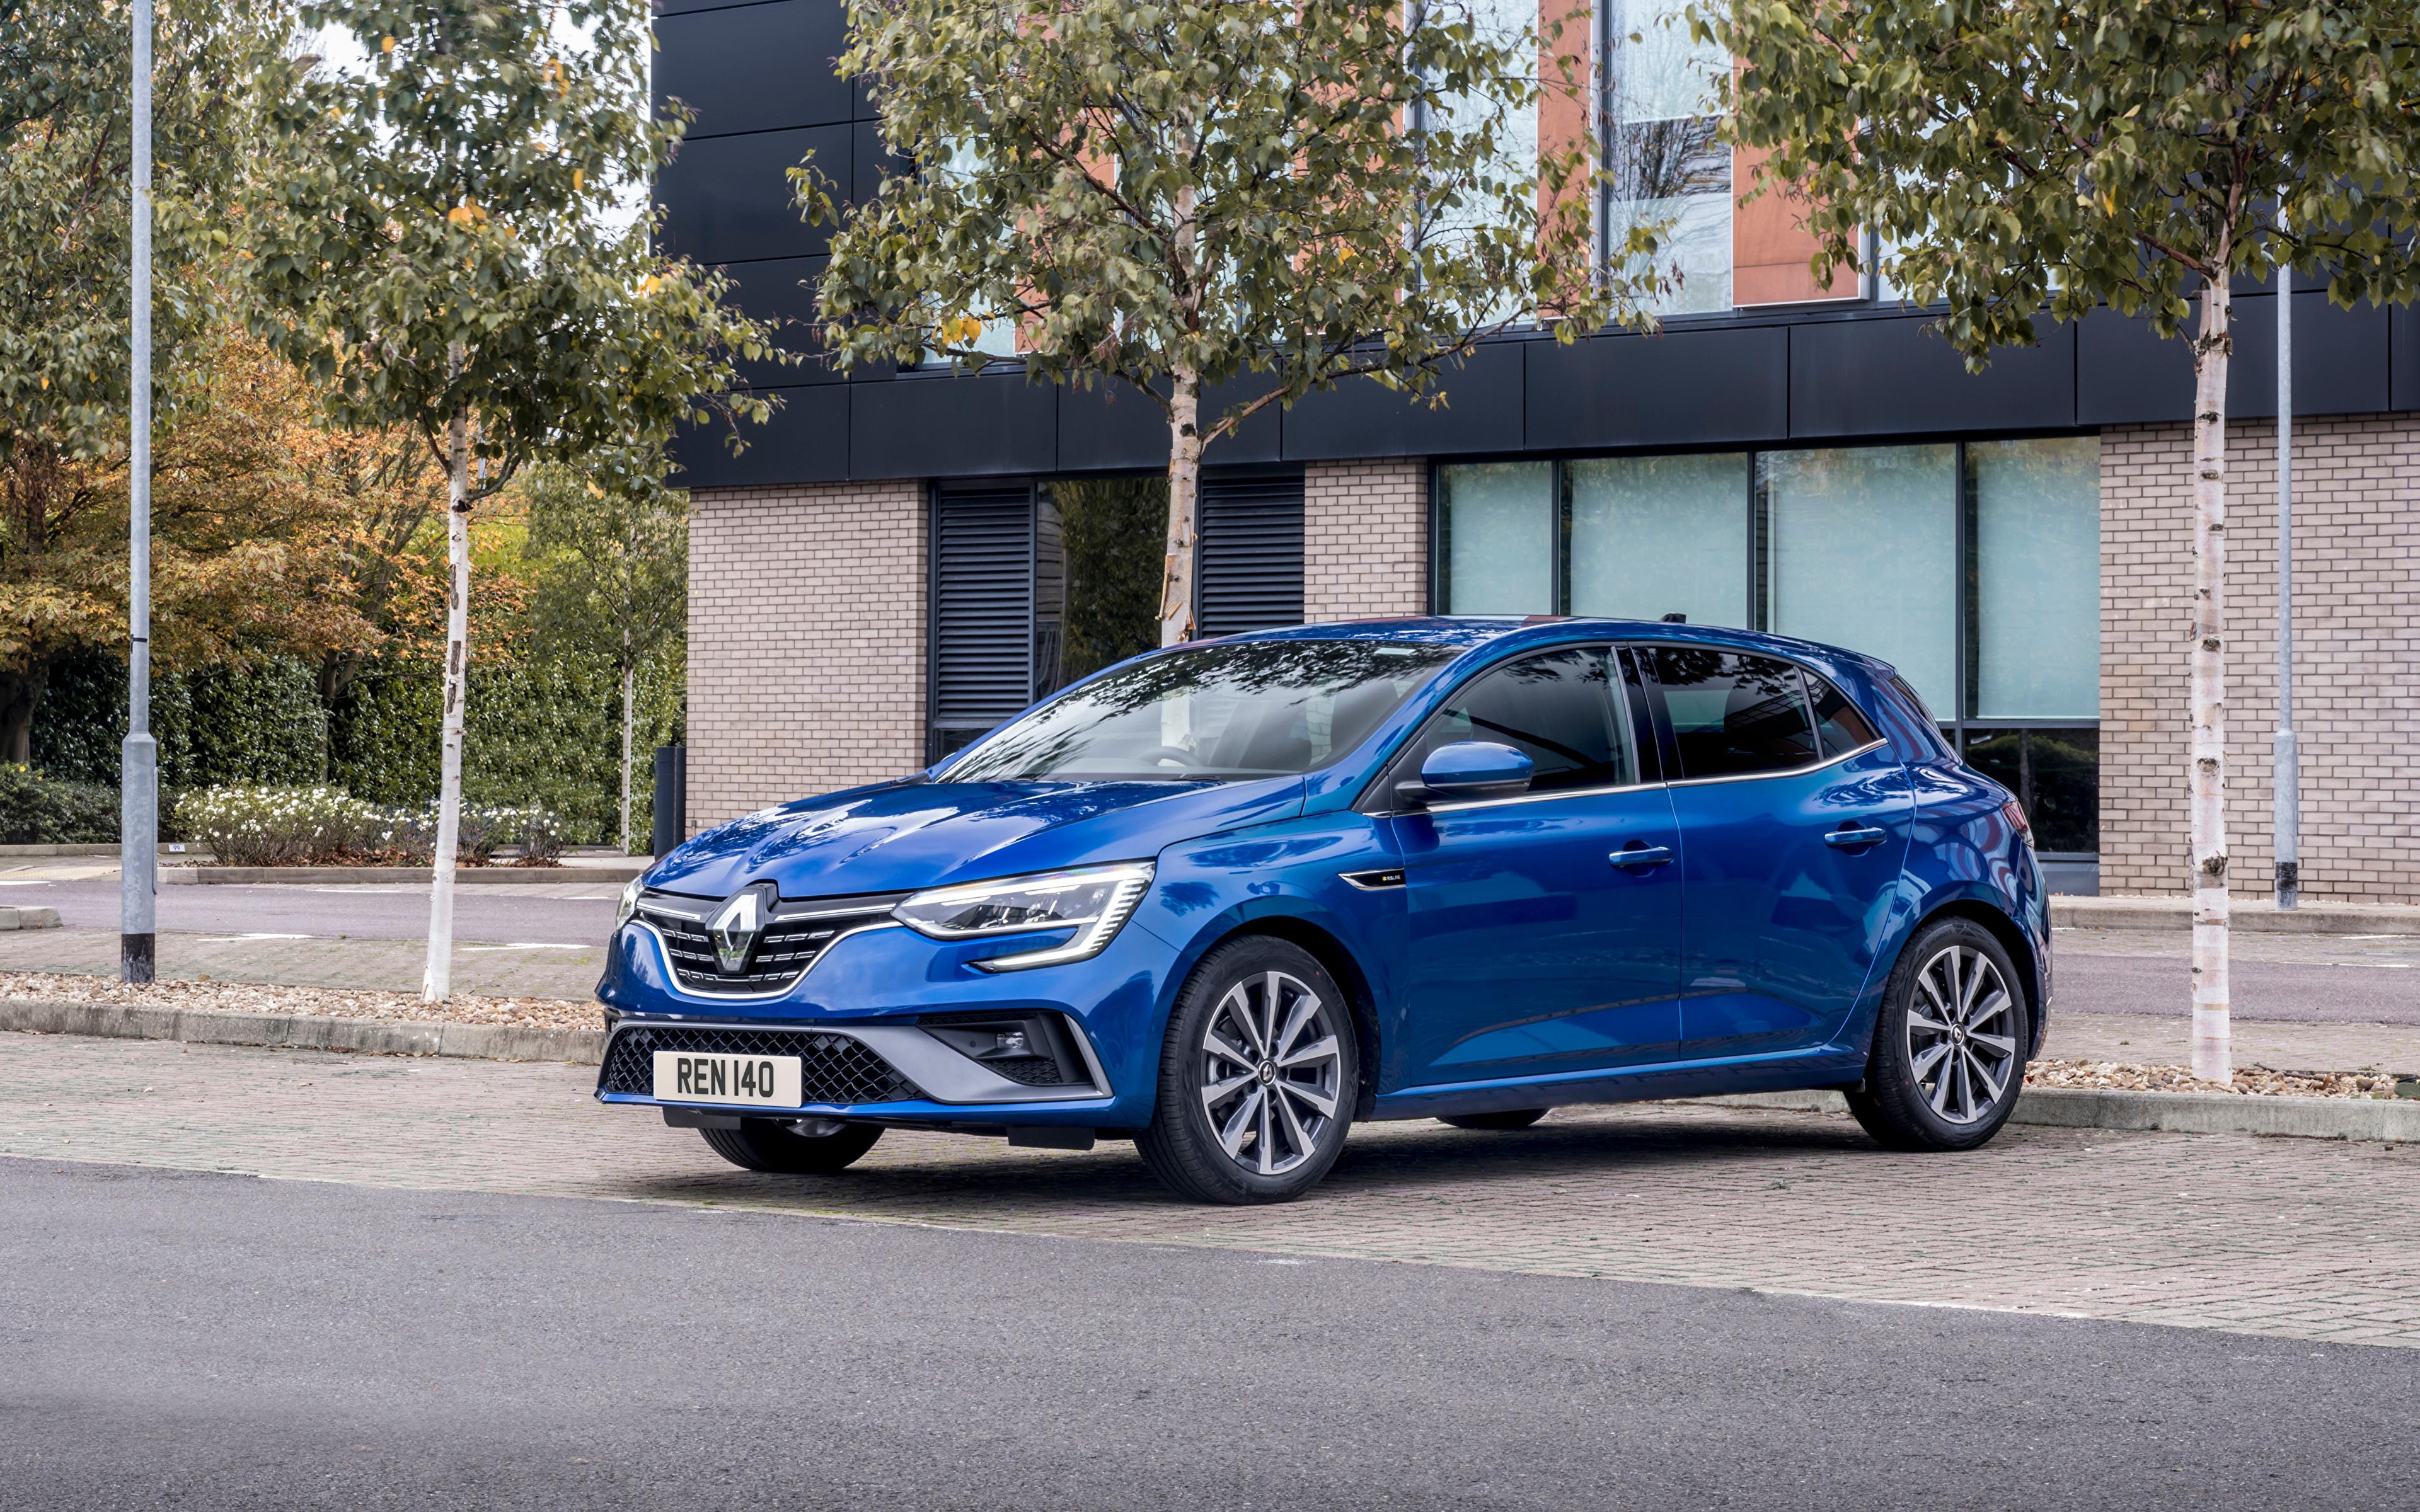 Fotos Renault Blau auto Metallisch 3840x2400 Autos automobil